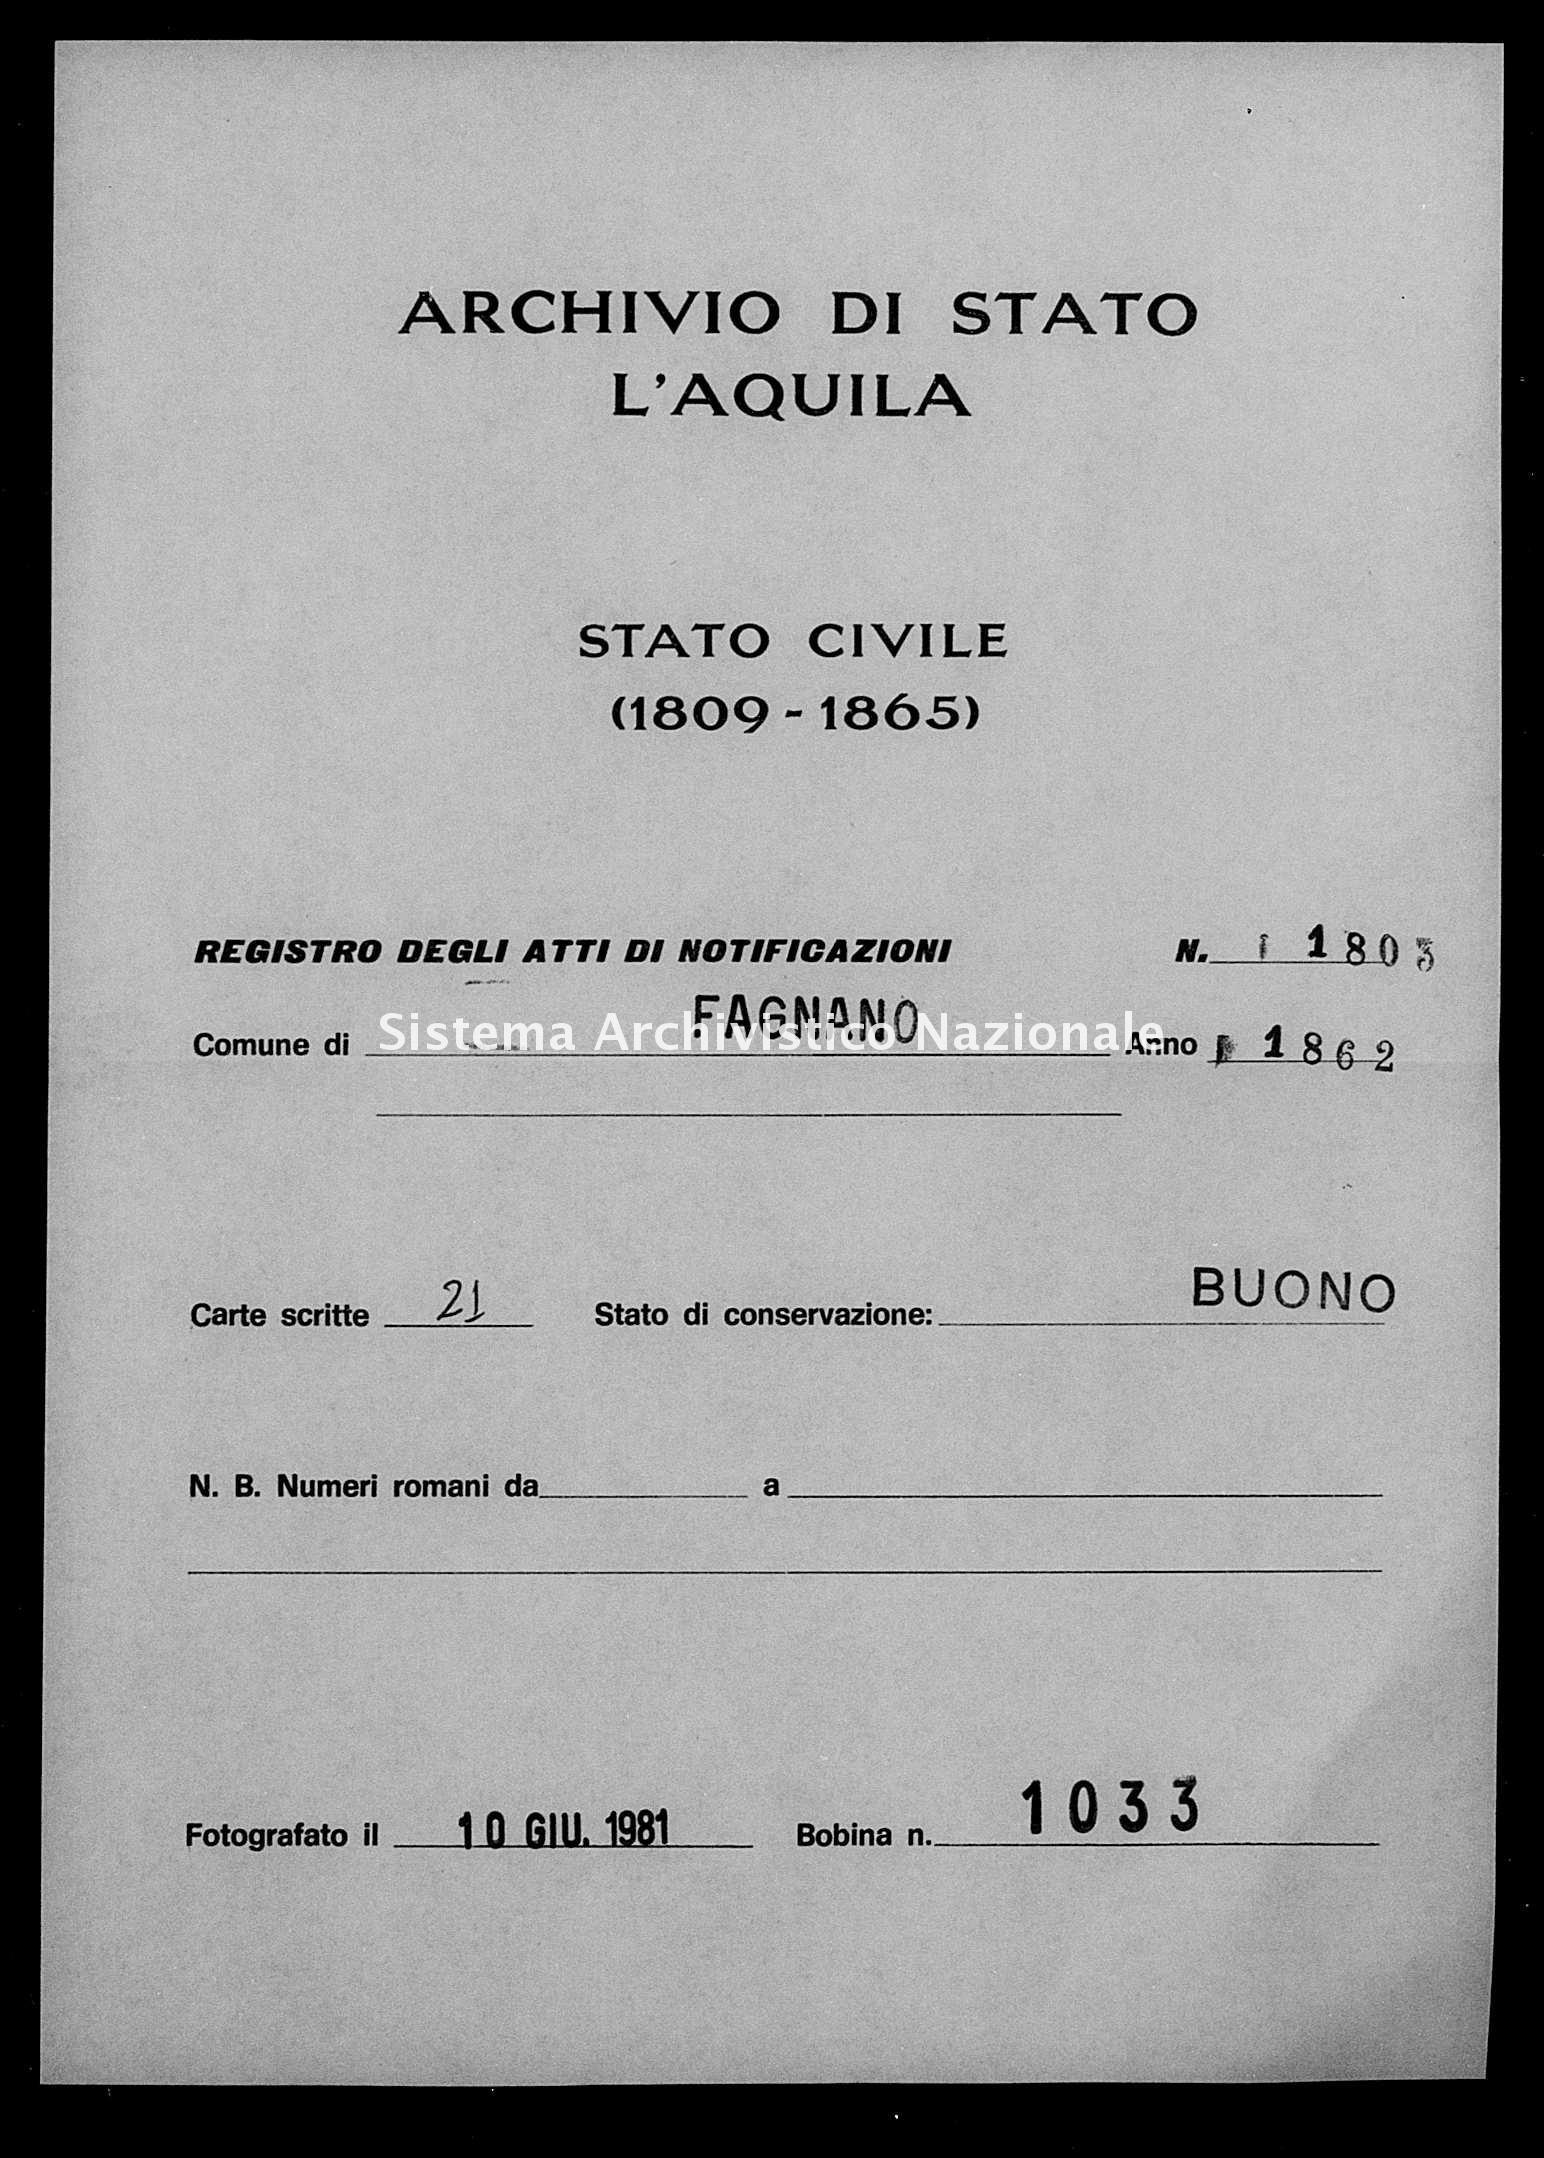 Archivio di stato di L'aquila - Stato civile italiano - Fagnano Alto - Matrimoni, memorandum notificazioni ed opposizioni - 1862 - 1803 -